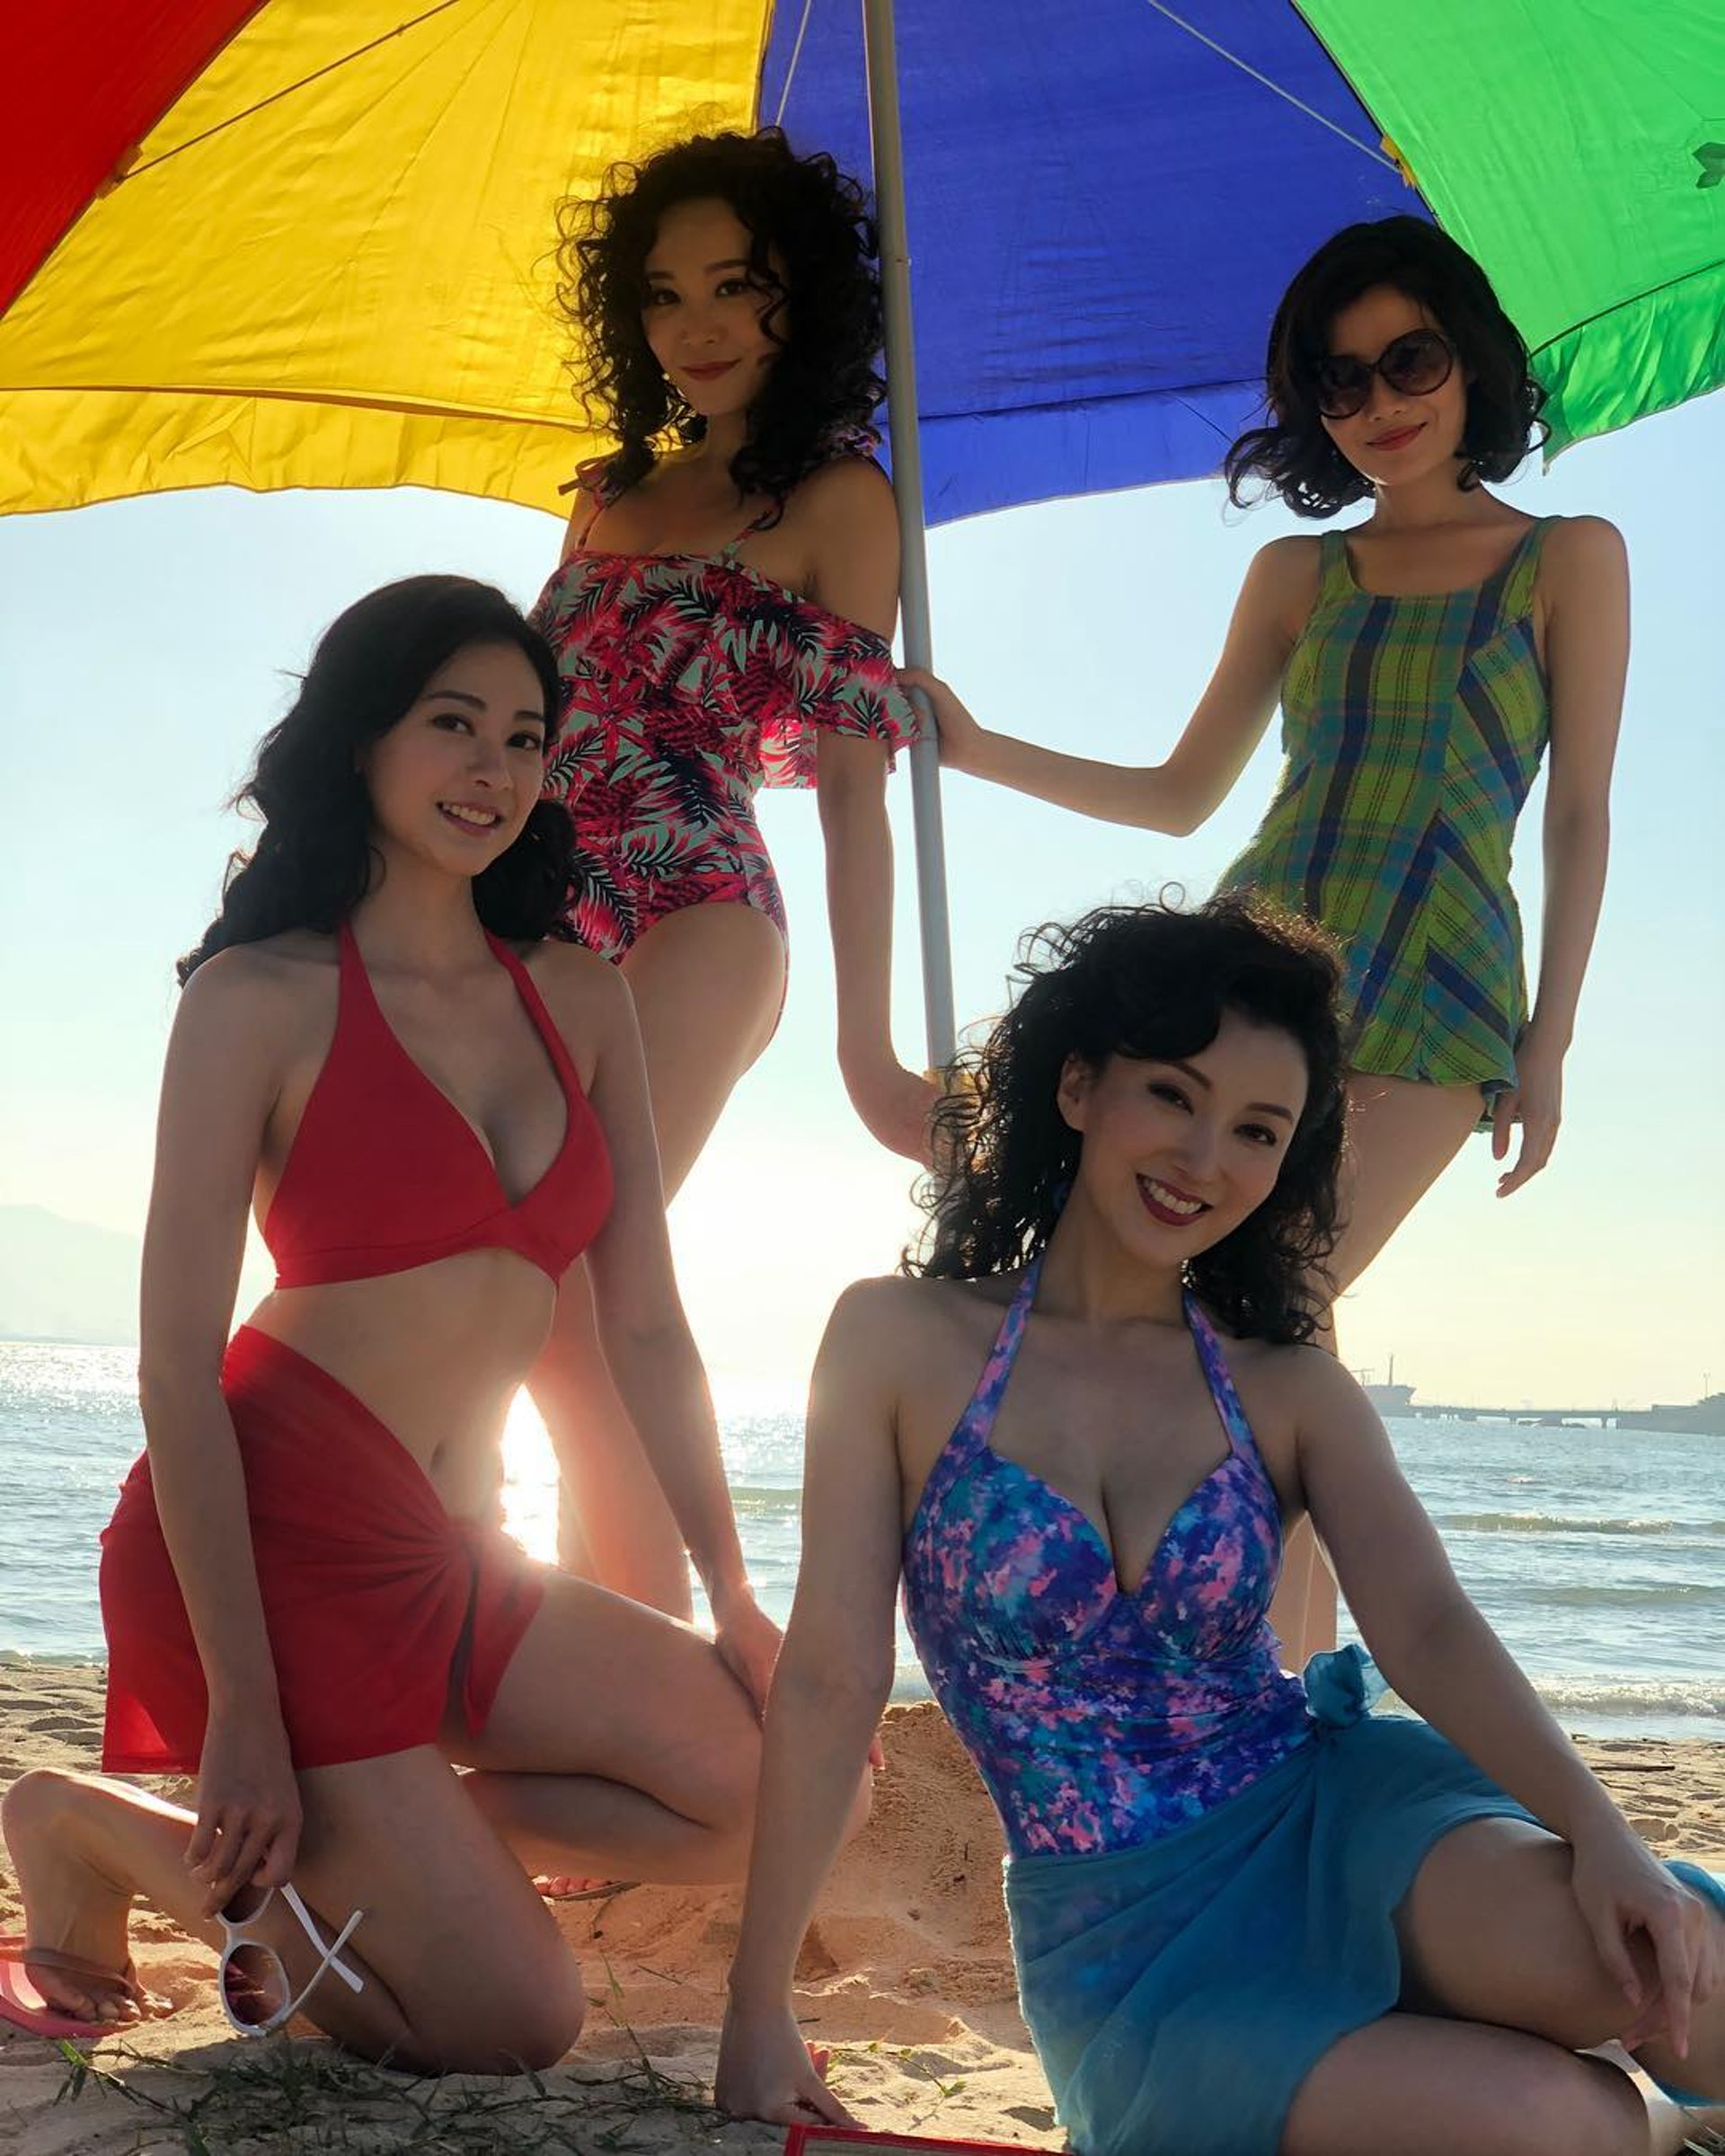 劉芷希、鄧以婷、李松蔓、吳沚默以70年代泳裝拍攝《黃金有罪》。